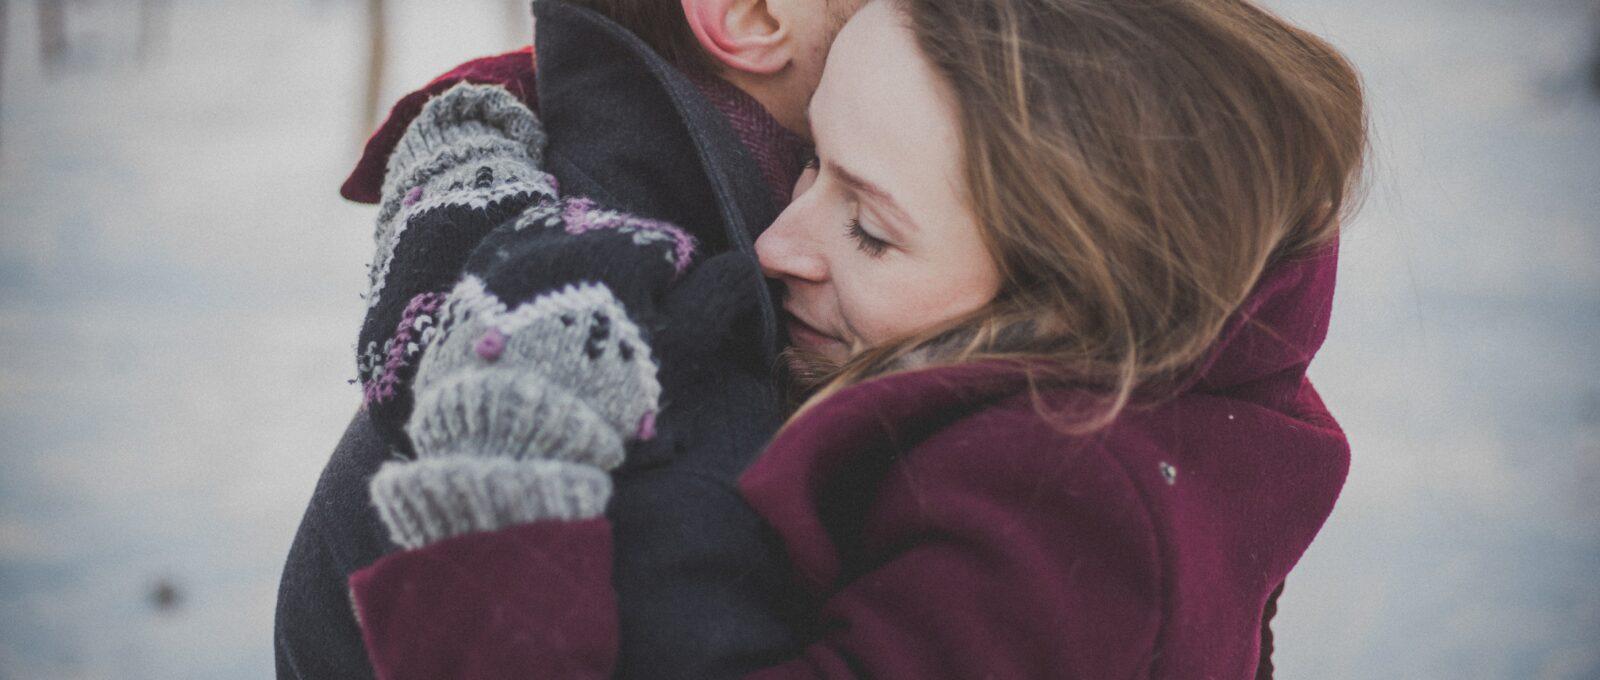 Valentinstag zu Hause 2021 - Couple